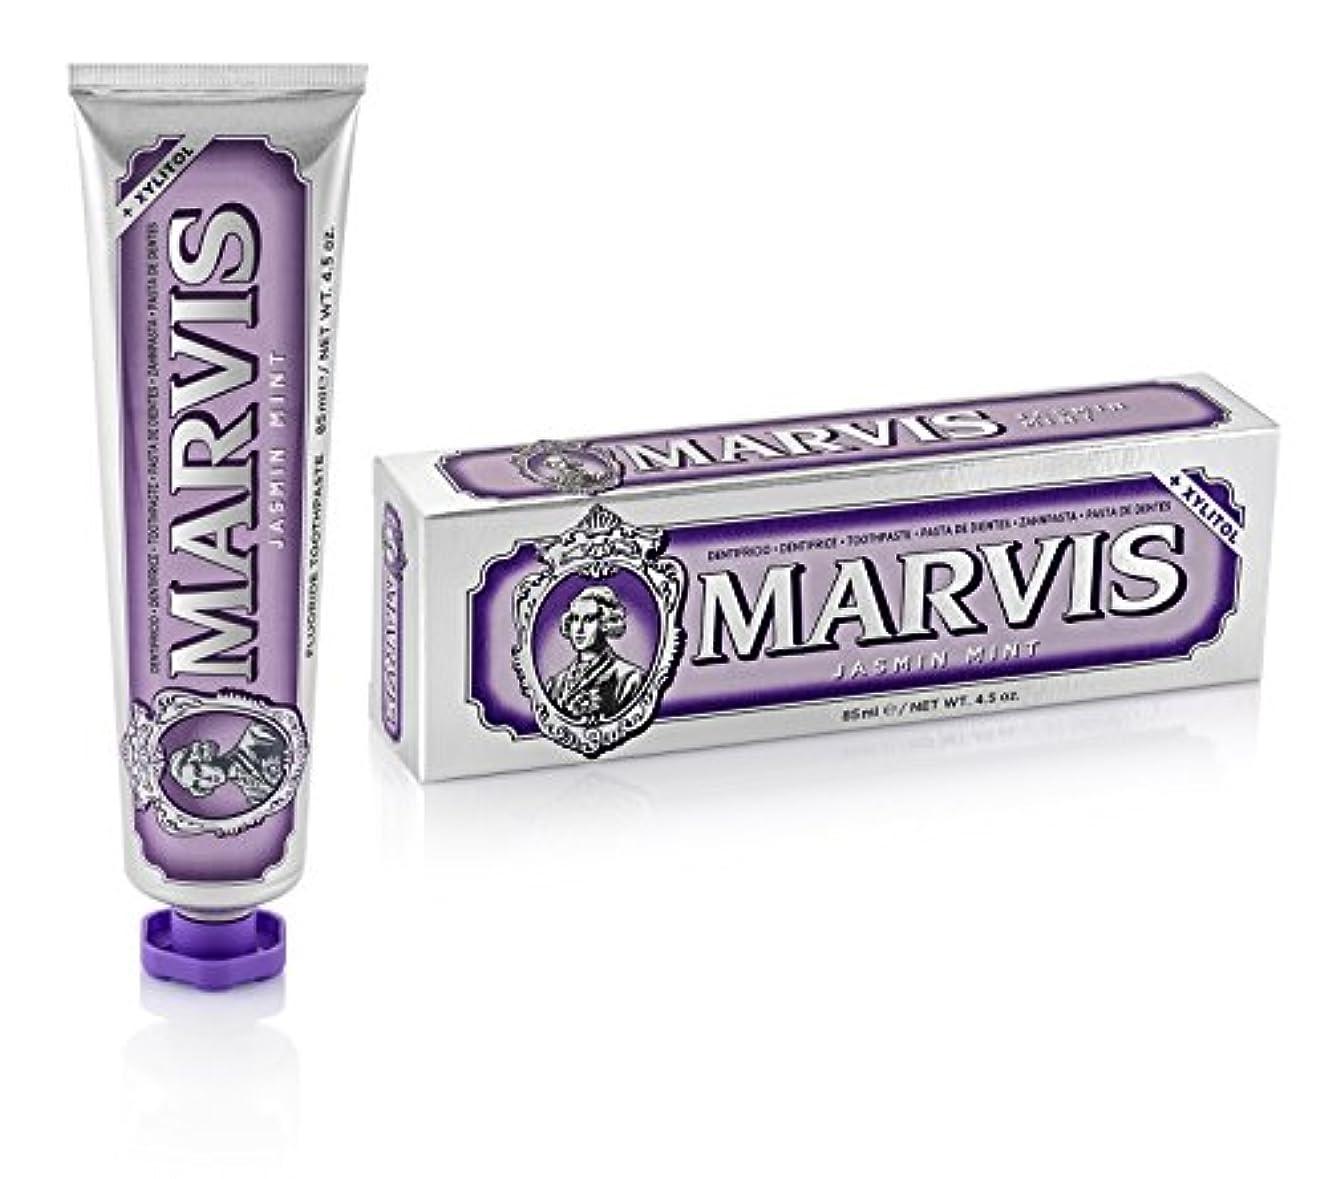 押す周波数夜マーヴィス Jasmin Mint Toothpaste With Xylitol 85ml/4.5oz並行輸入品